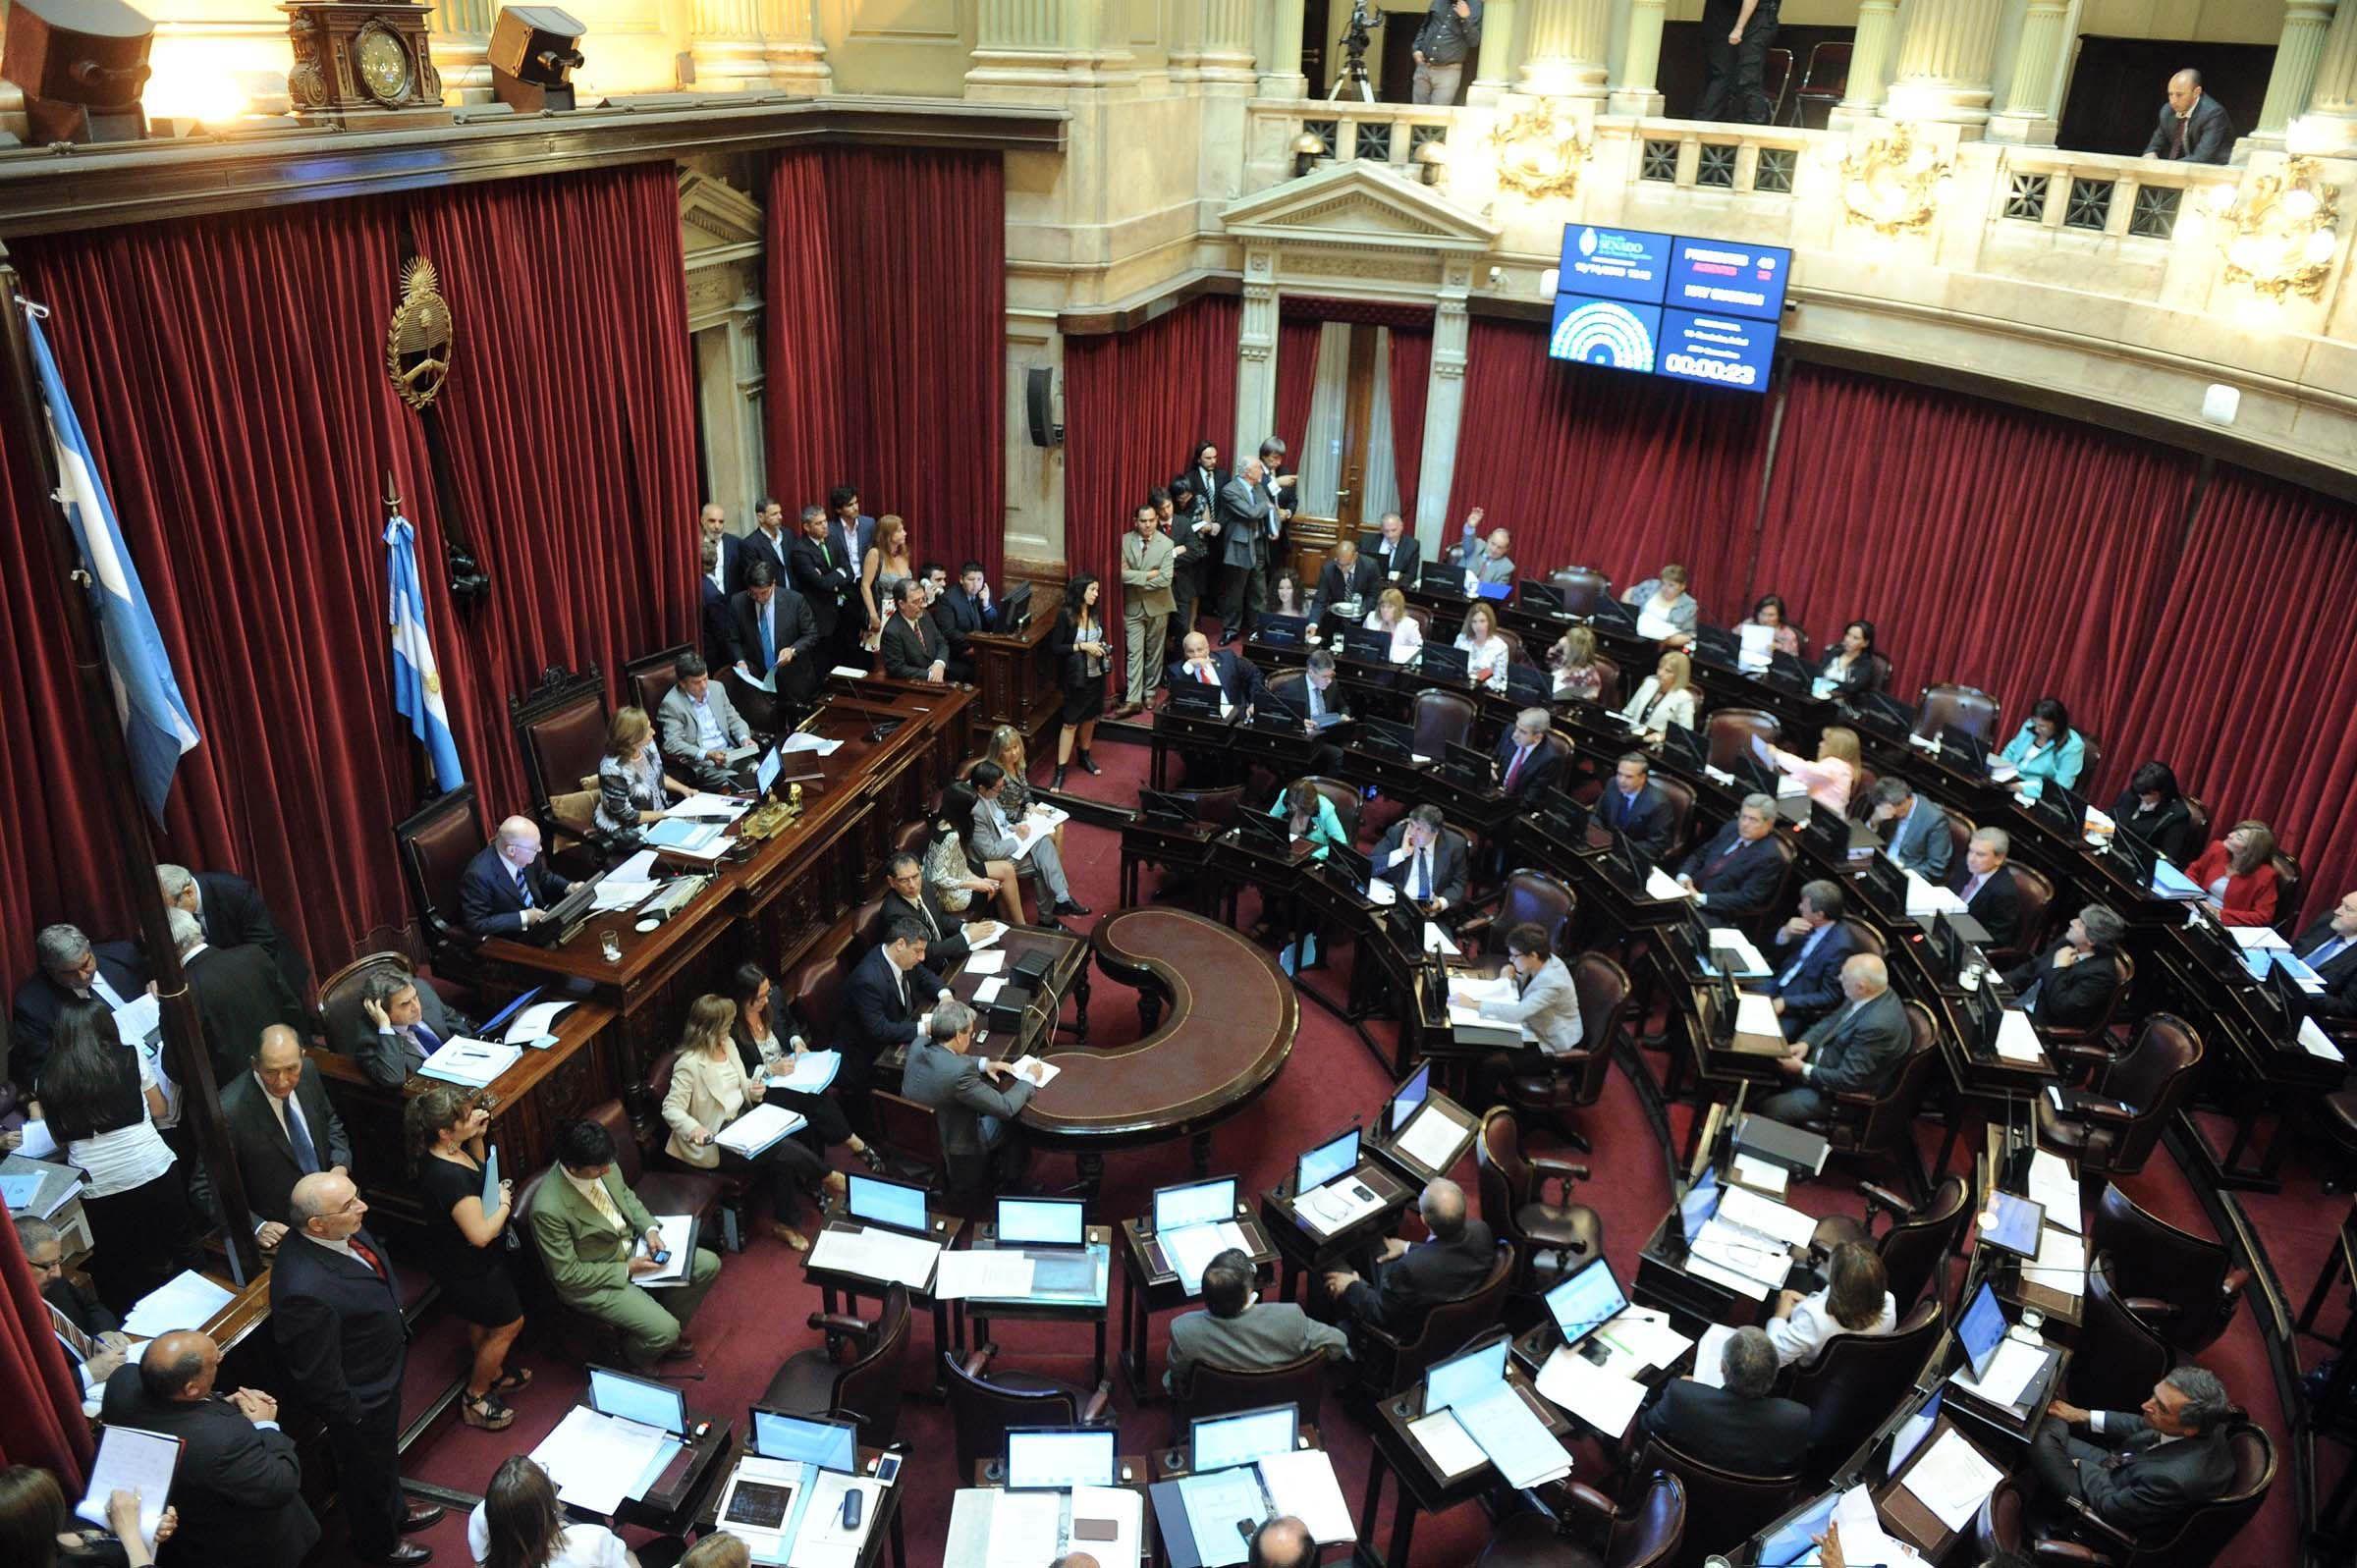 En el Congreso aguardan que el Ejecutivo presente el proyecto de reforma del Código Penal.